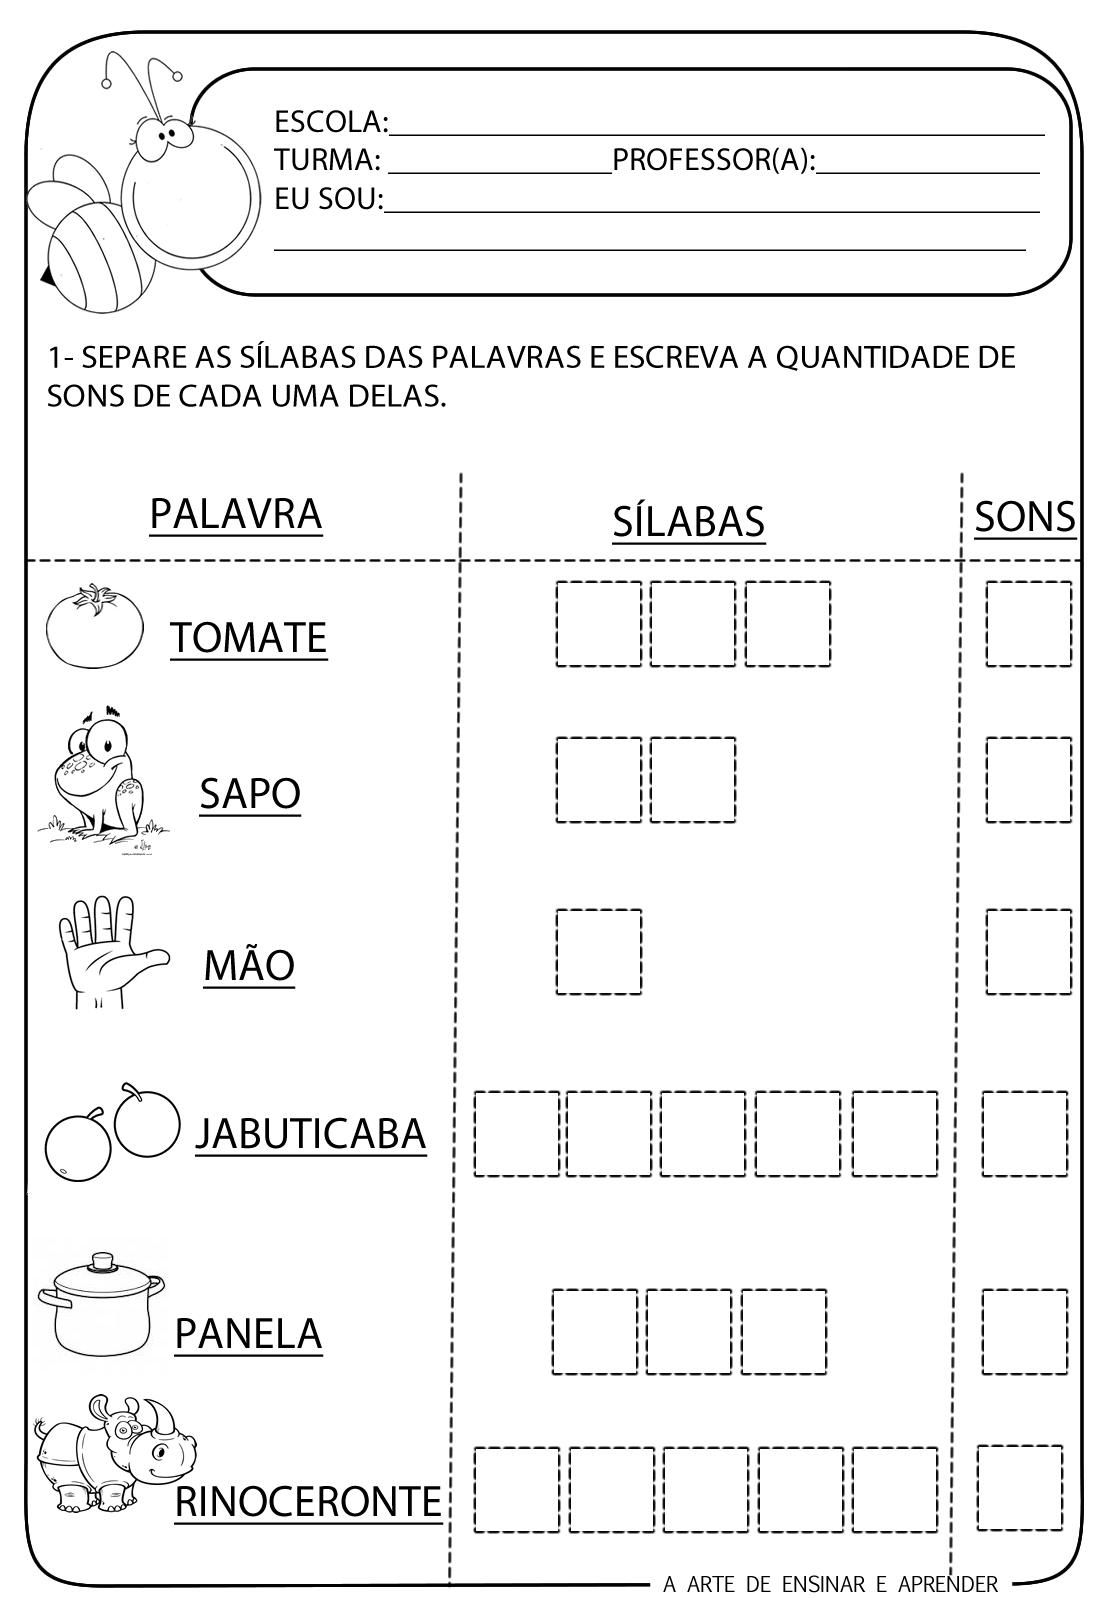 Well-known A Arte de Ensinar e Aprender: Atividade pronta - Sílabas, sons  CD66